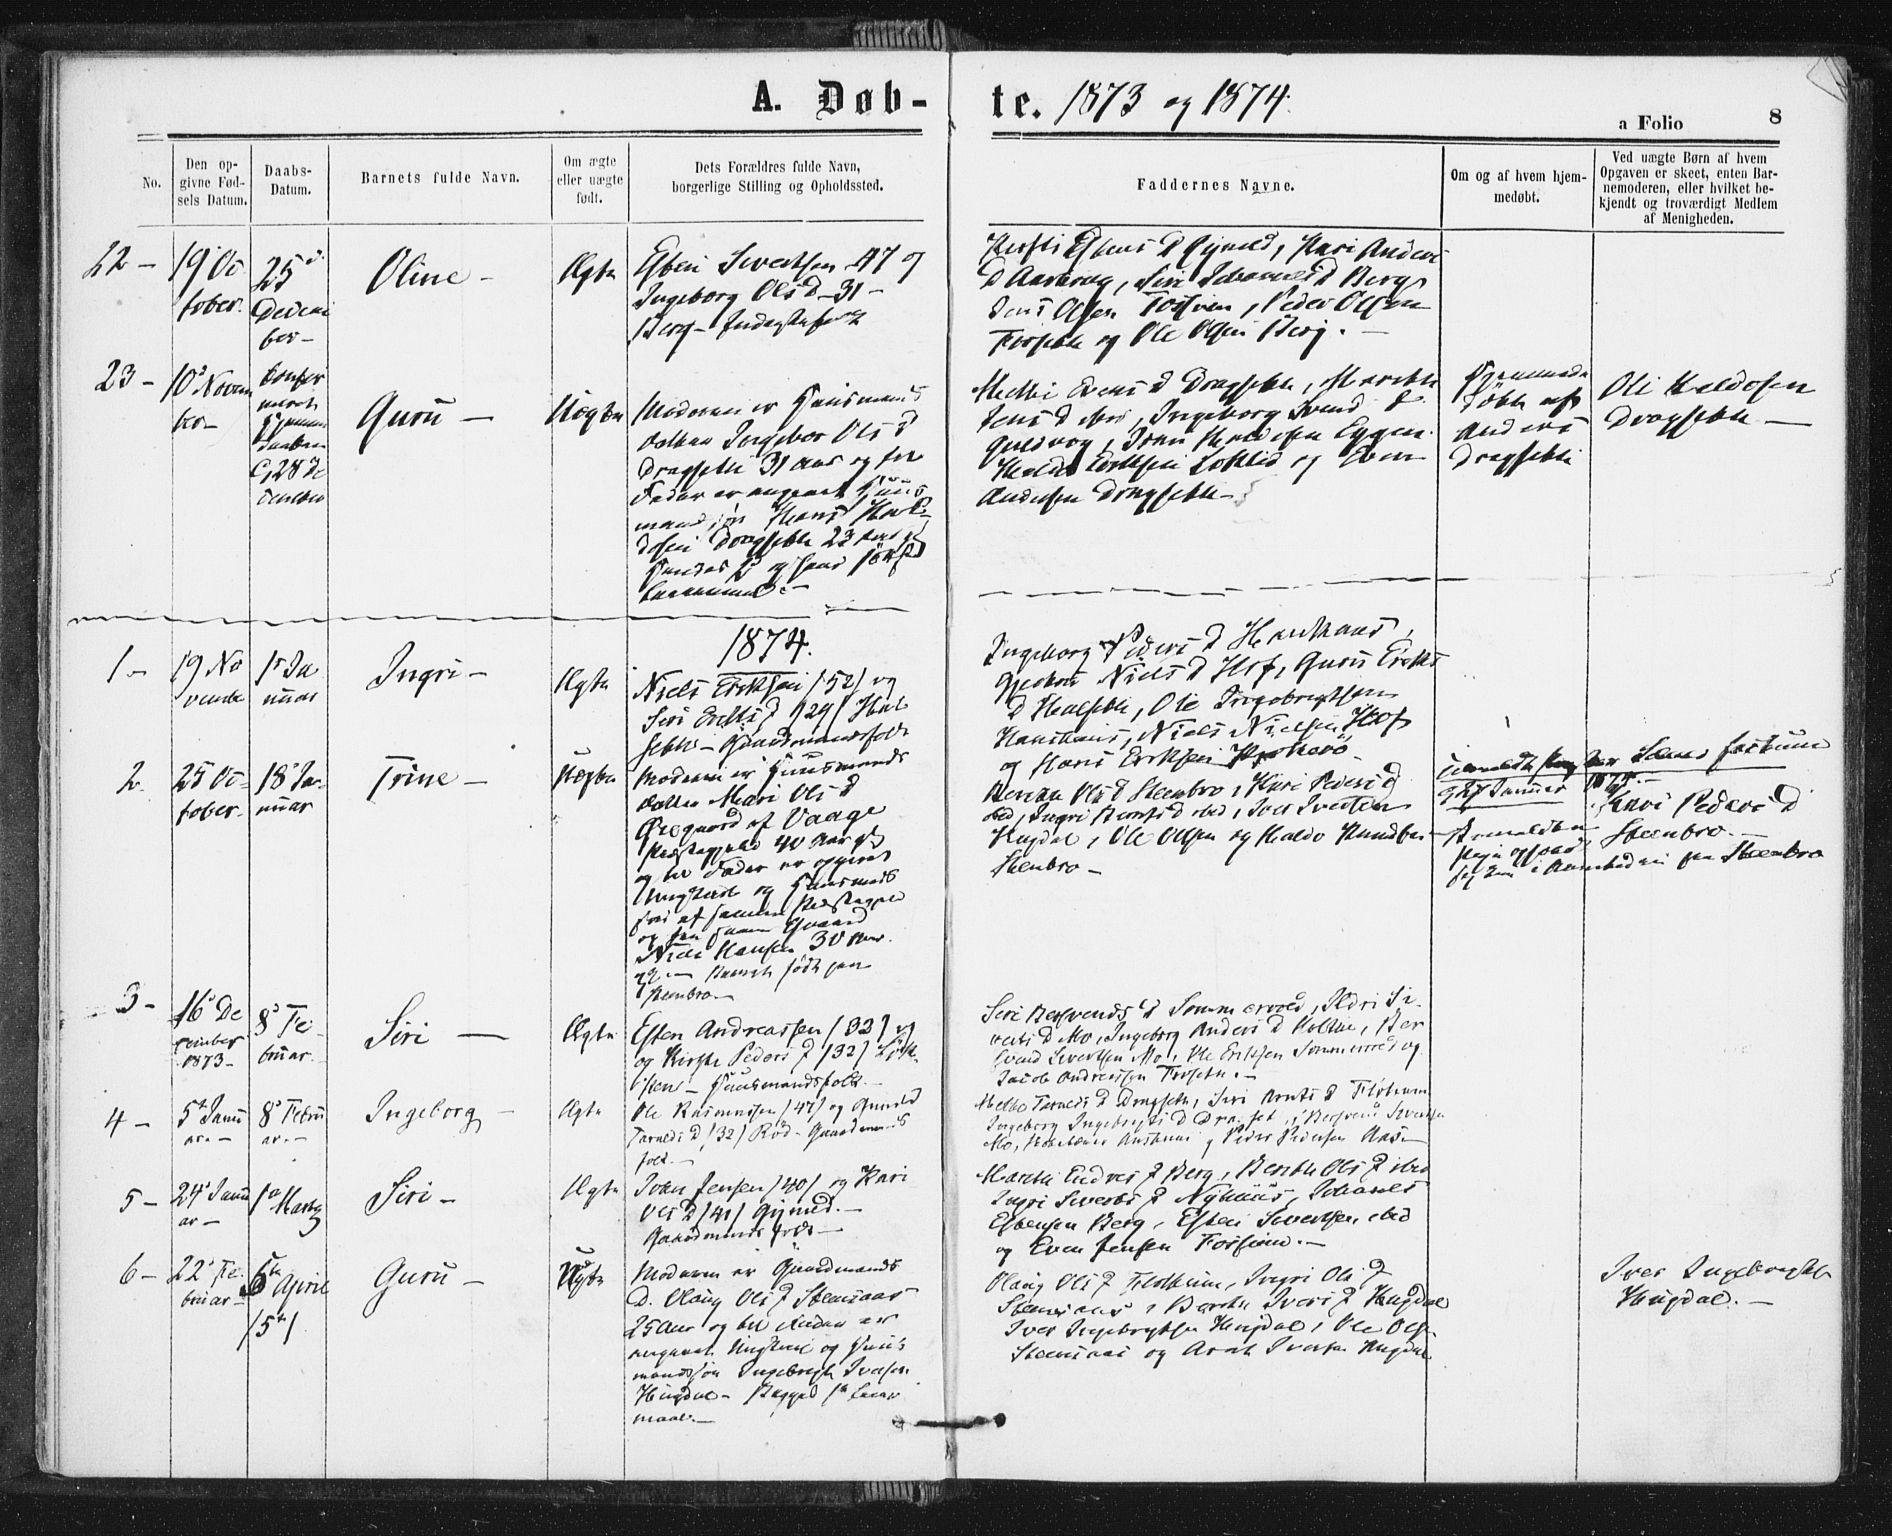 SAT, Ministerialprotokoller, klokkerbøker og fødselsregistre - Sør-Trøndelag, 689/L1039: Ministerialbok nr. 689A04, 1865-1878, s. 8